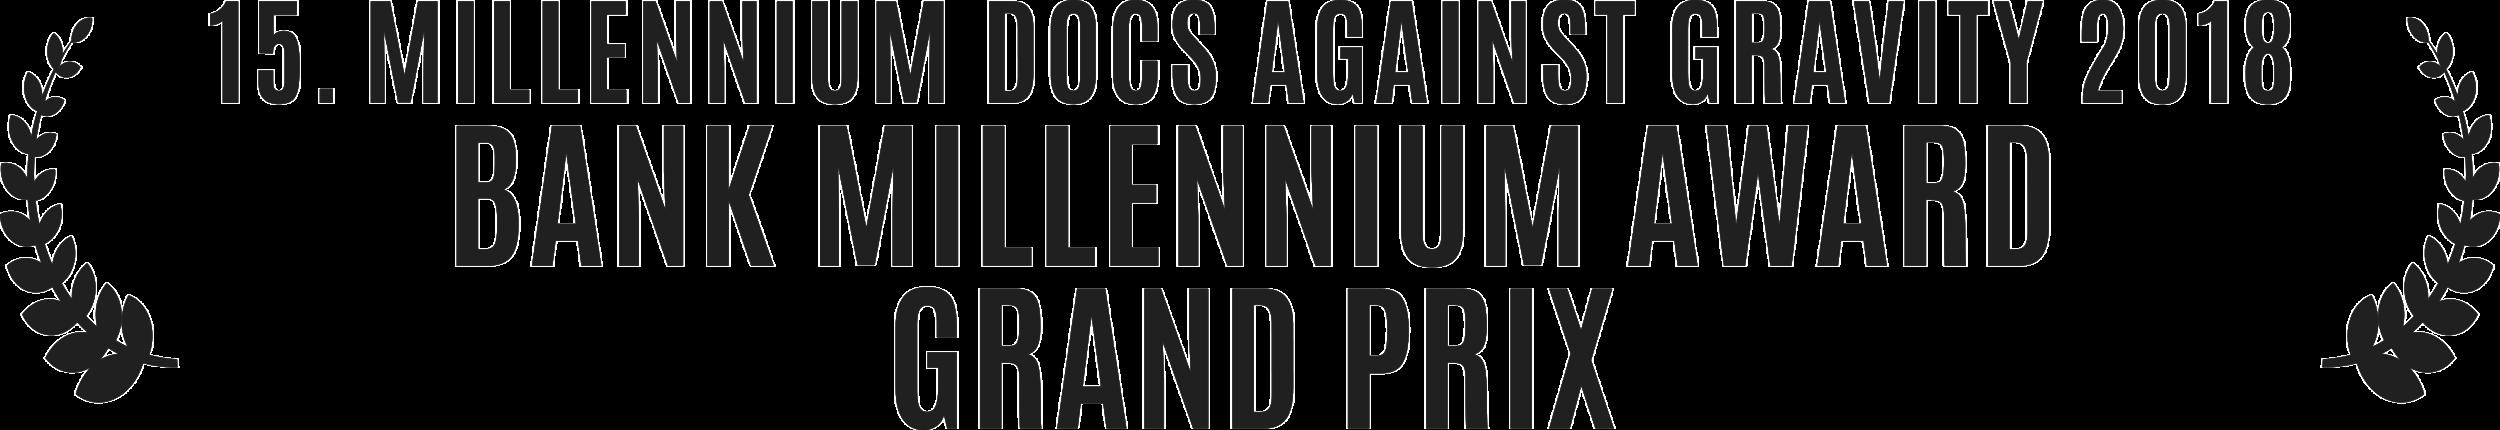 Bank Millennium Award 2018.png